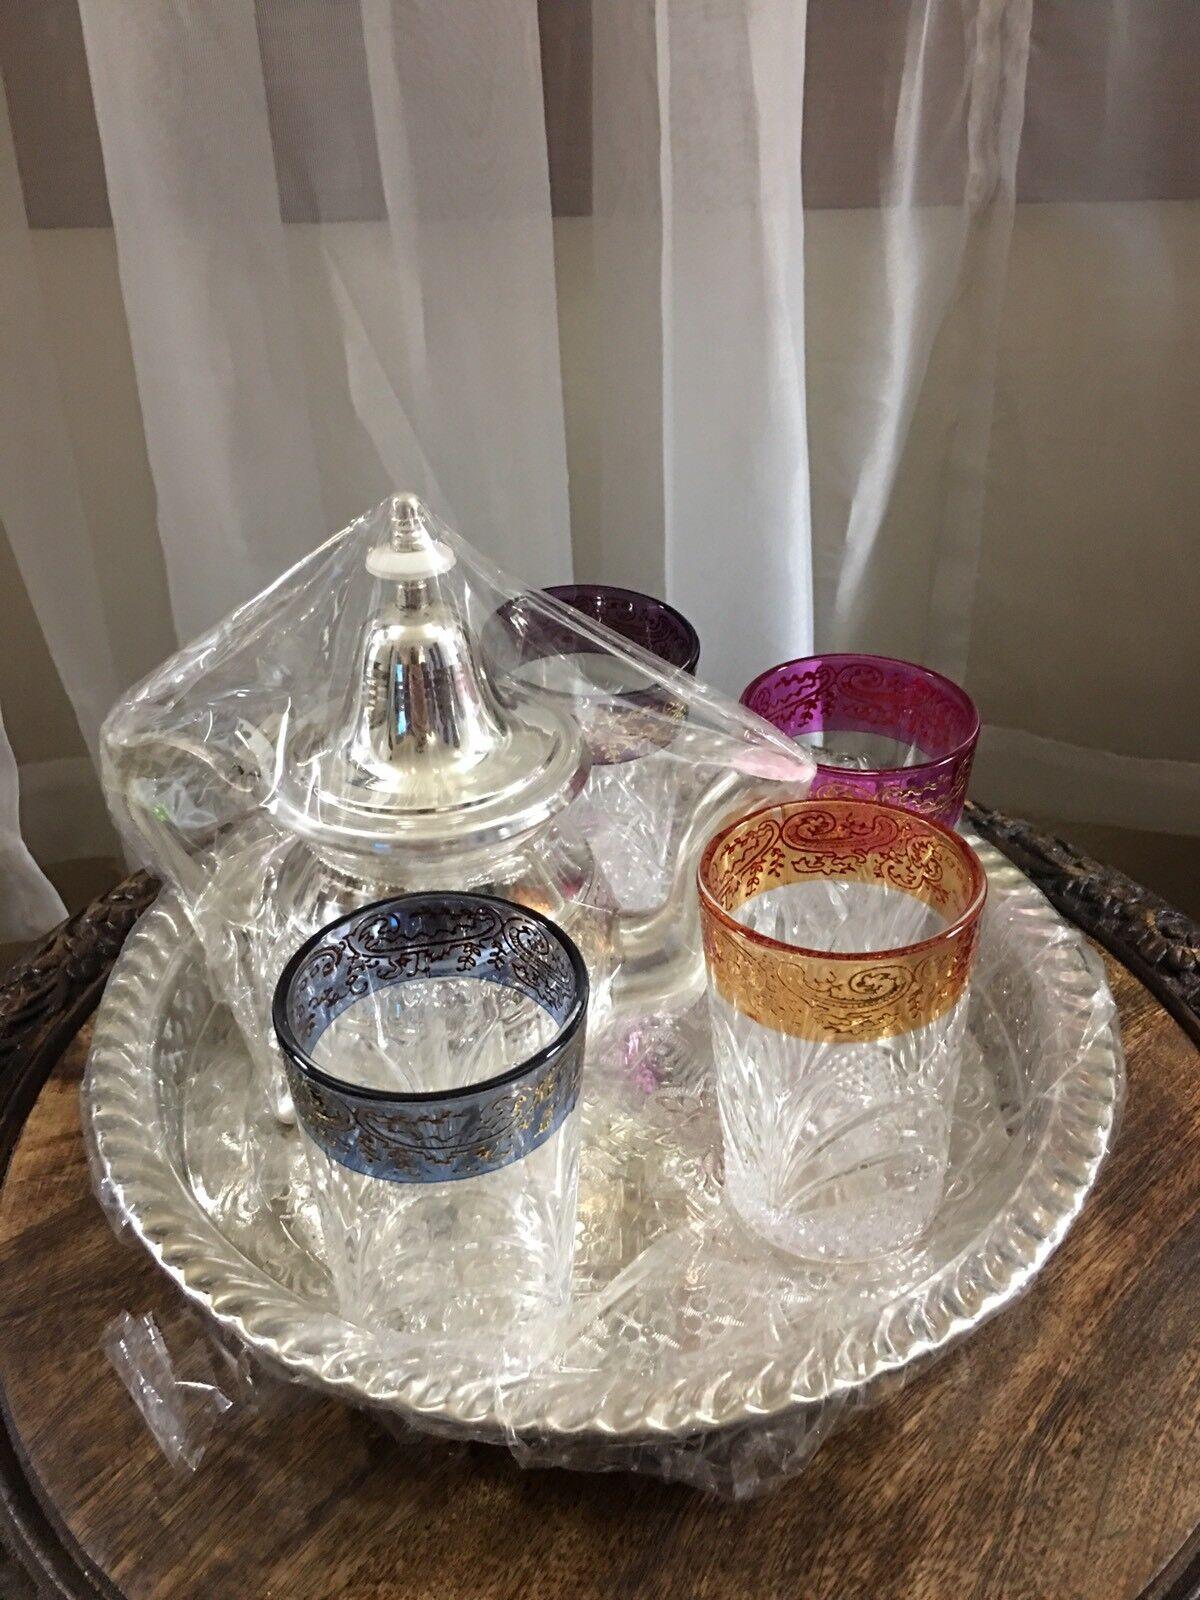 Morccan tea set thé, verres, Thé Tasses à Thé, Plateau,    Lot de 4 tasses, tea set